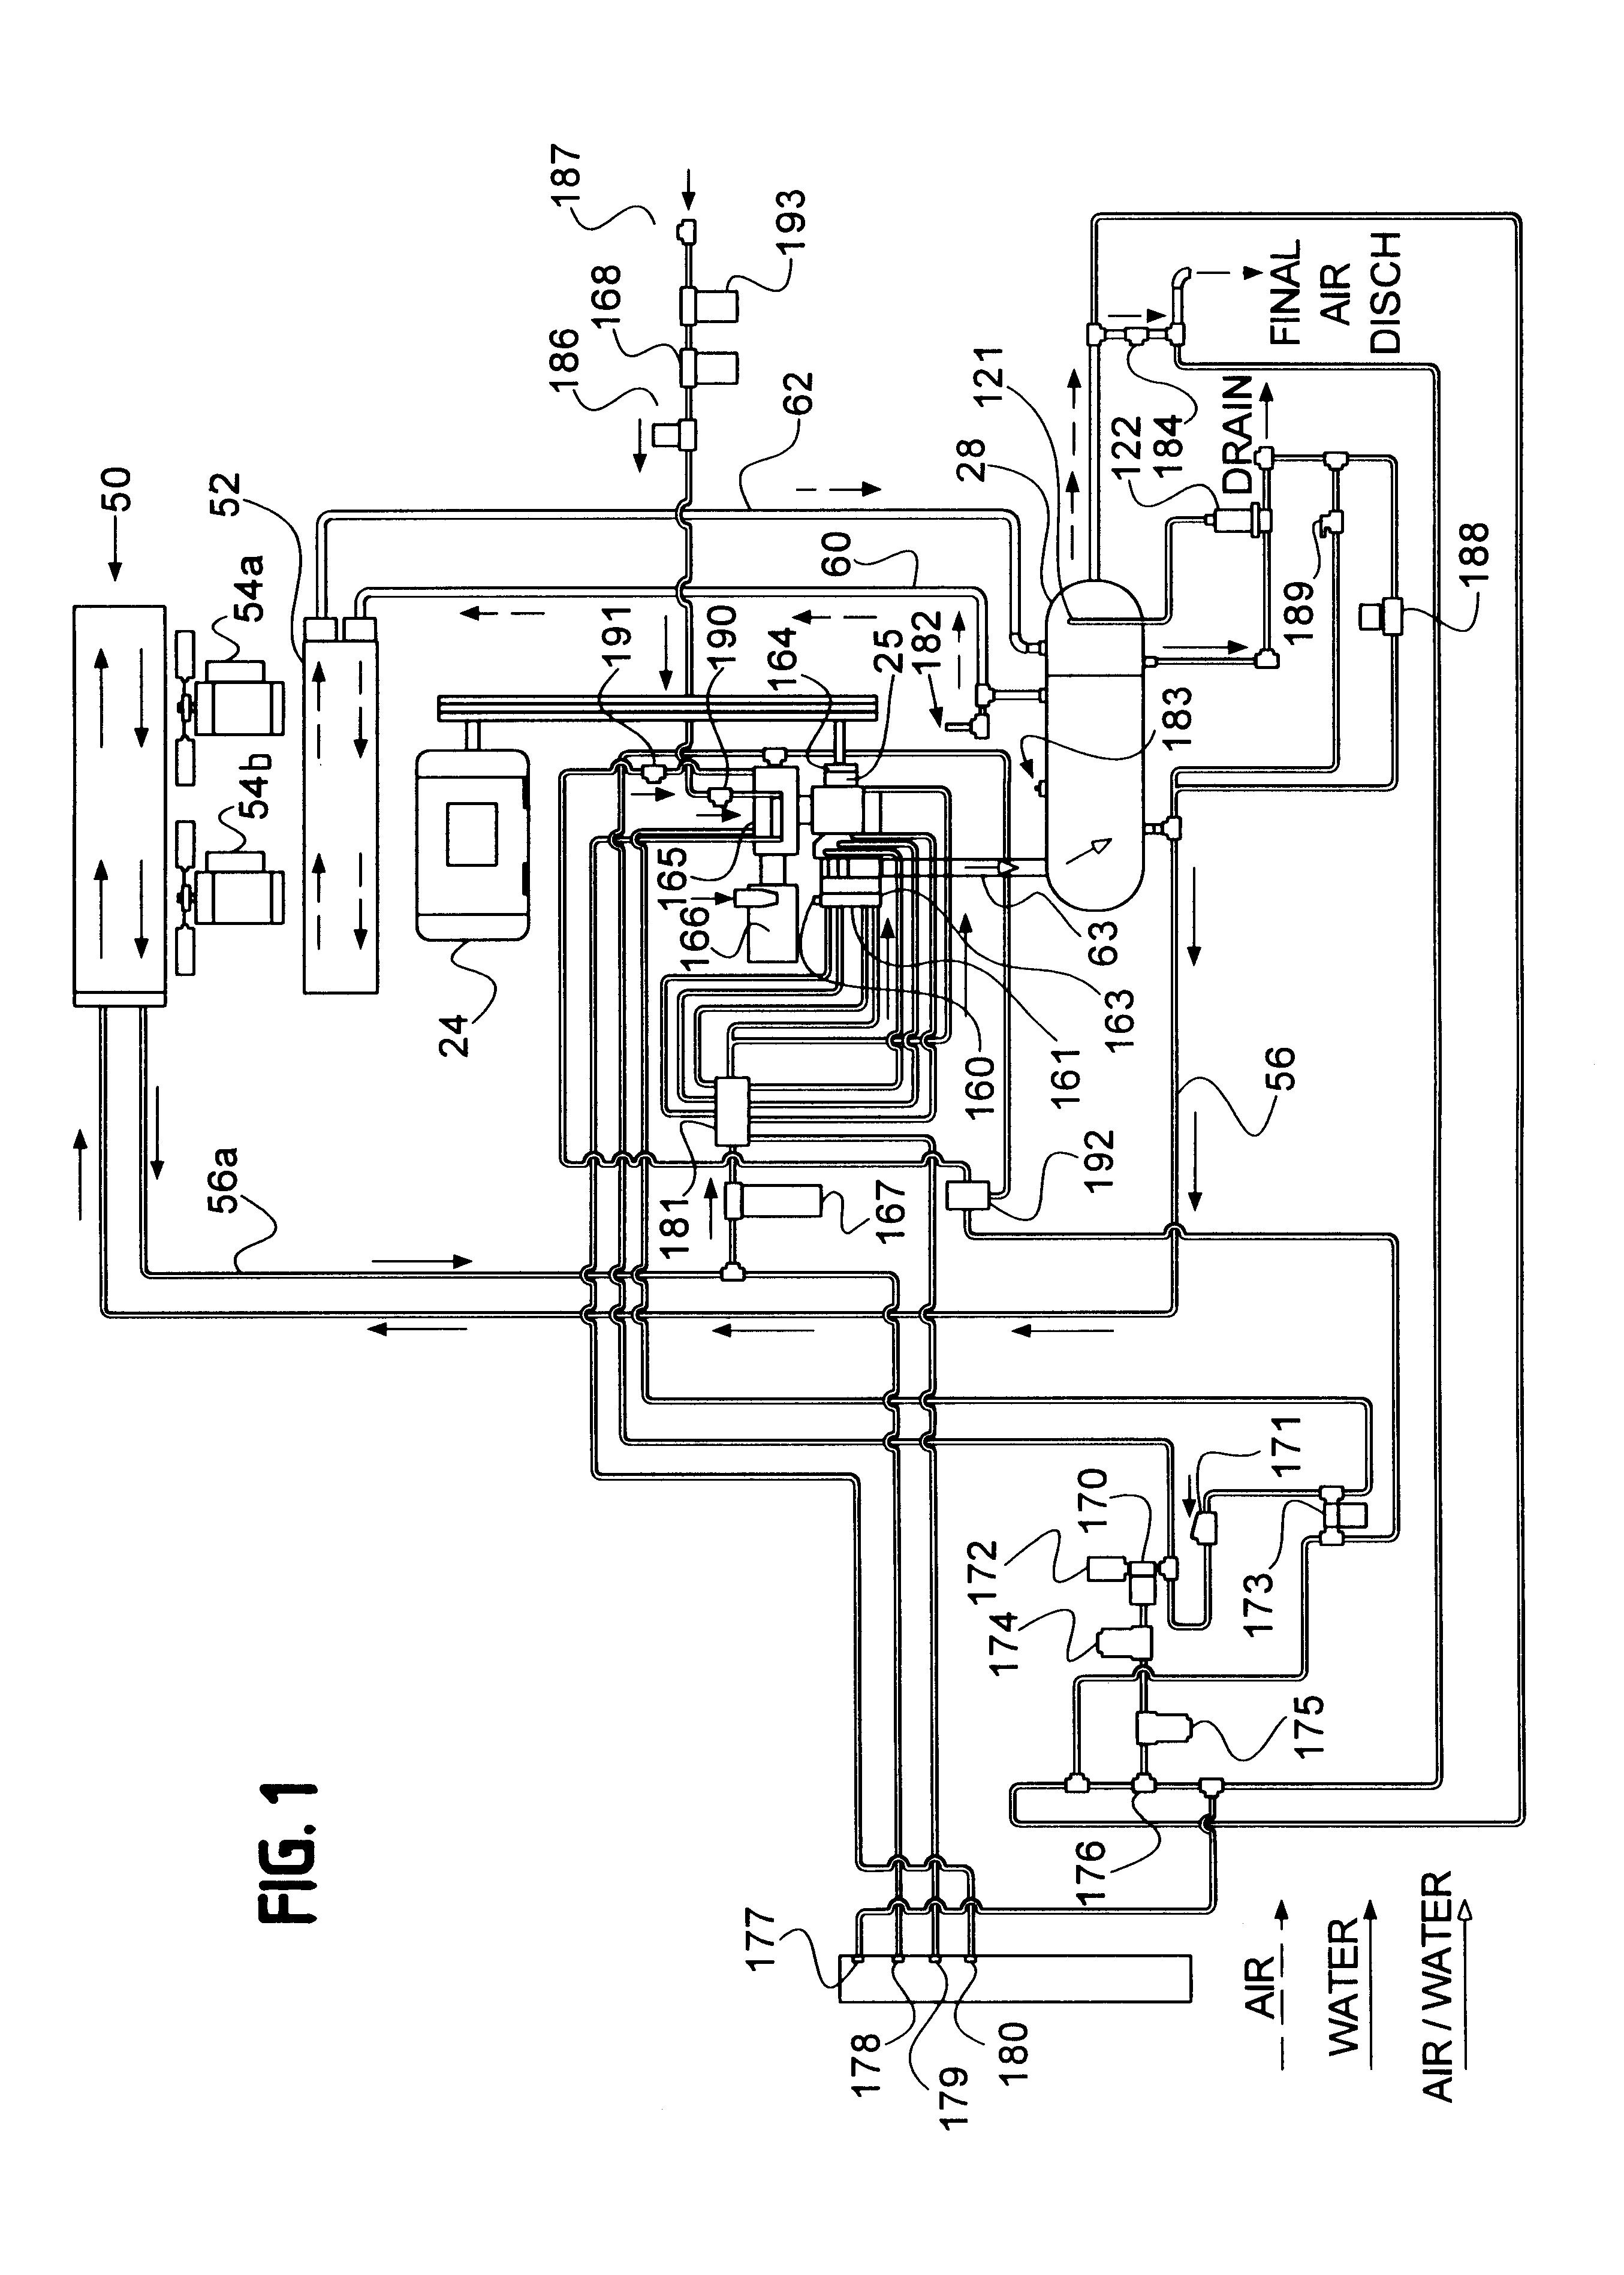 patent us6220825